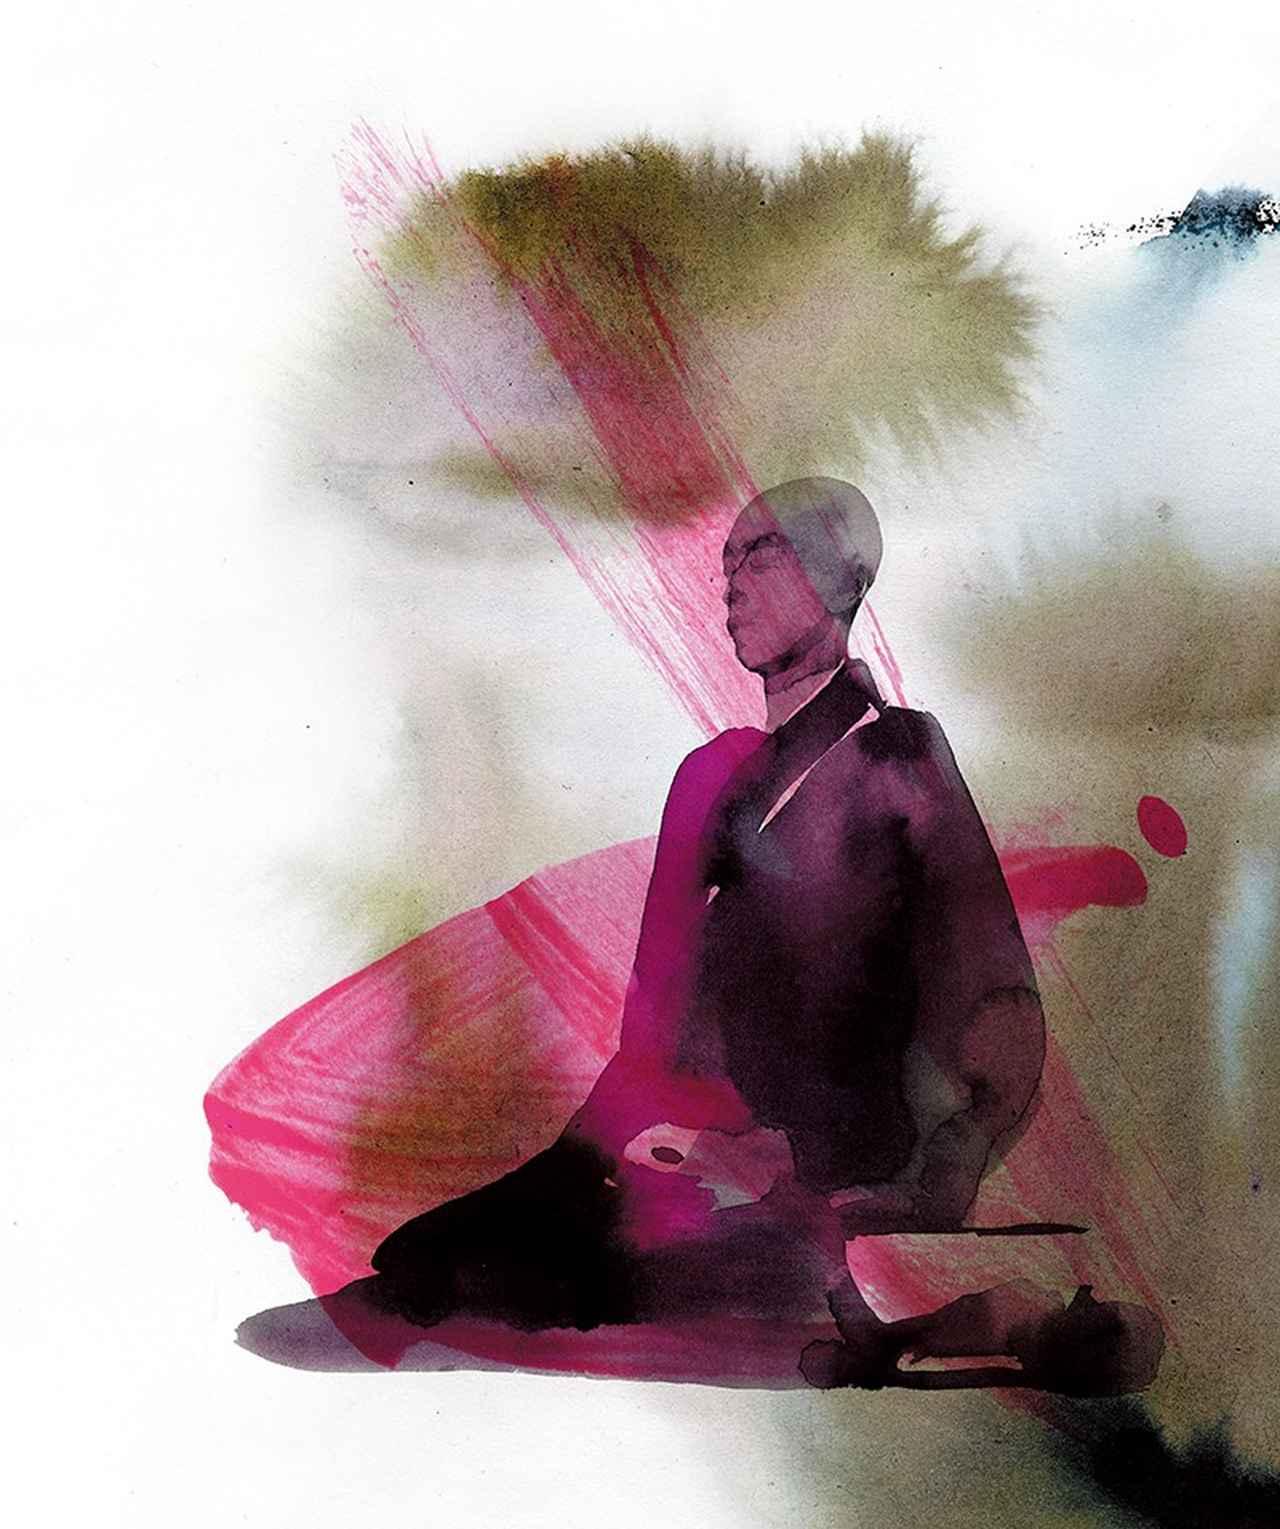 Images : 1番目の画像 - 「禅はひとつ先の未来を予言するか」のアルバム - T JAPAN:The New York Times Style Magazine 公式サイト